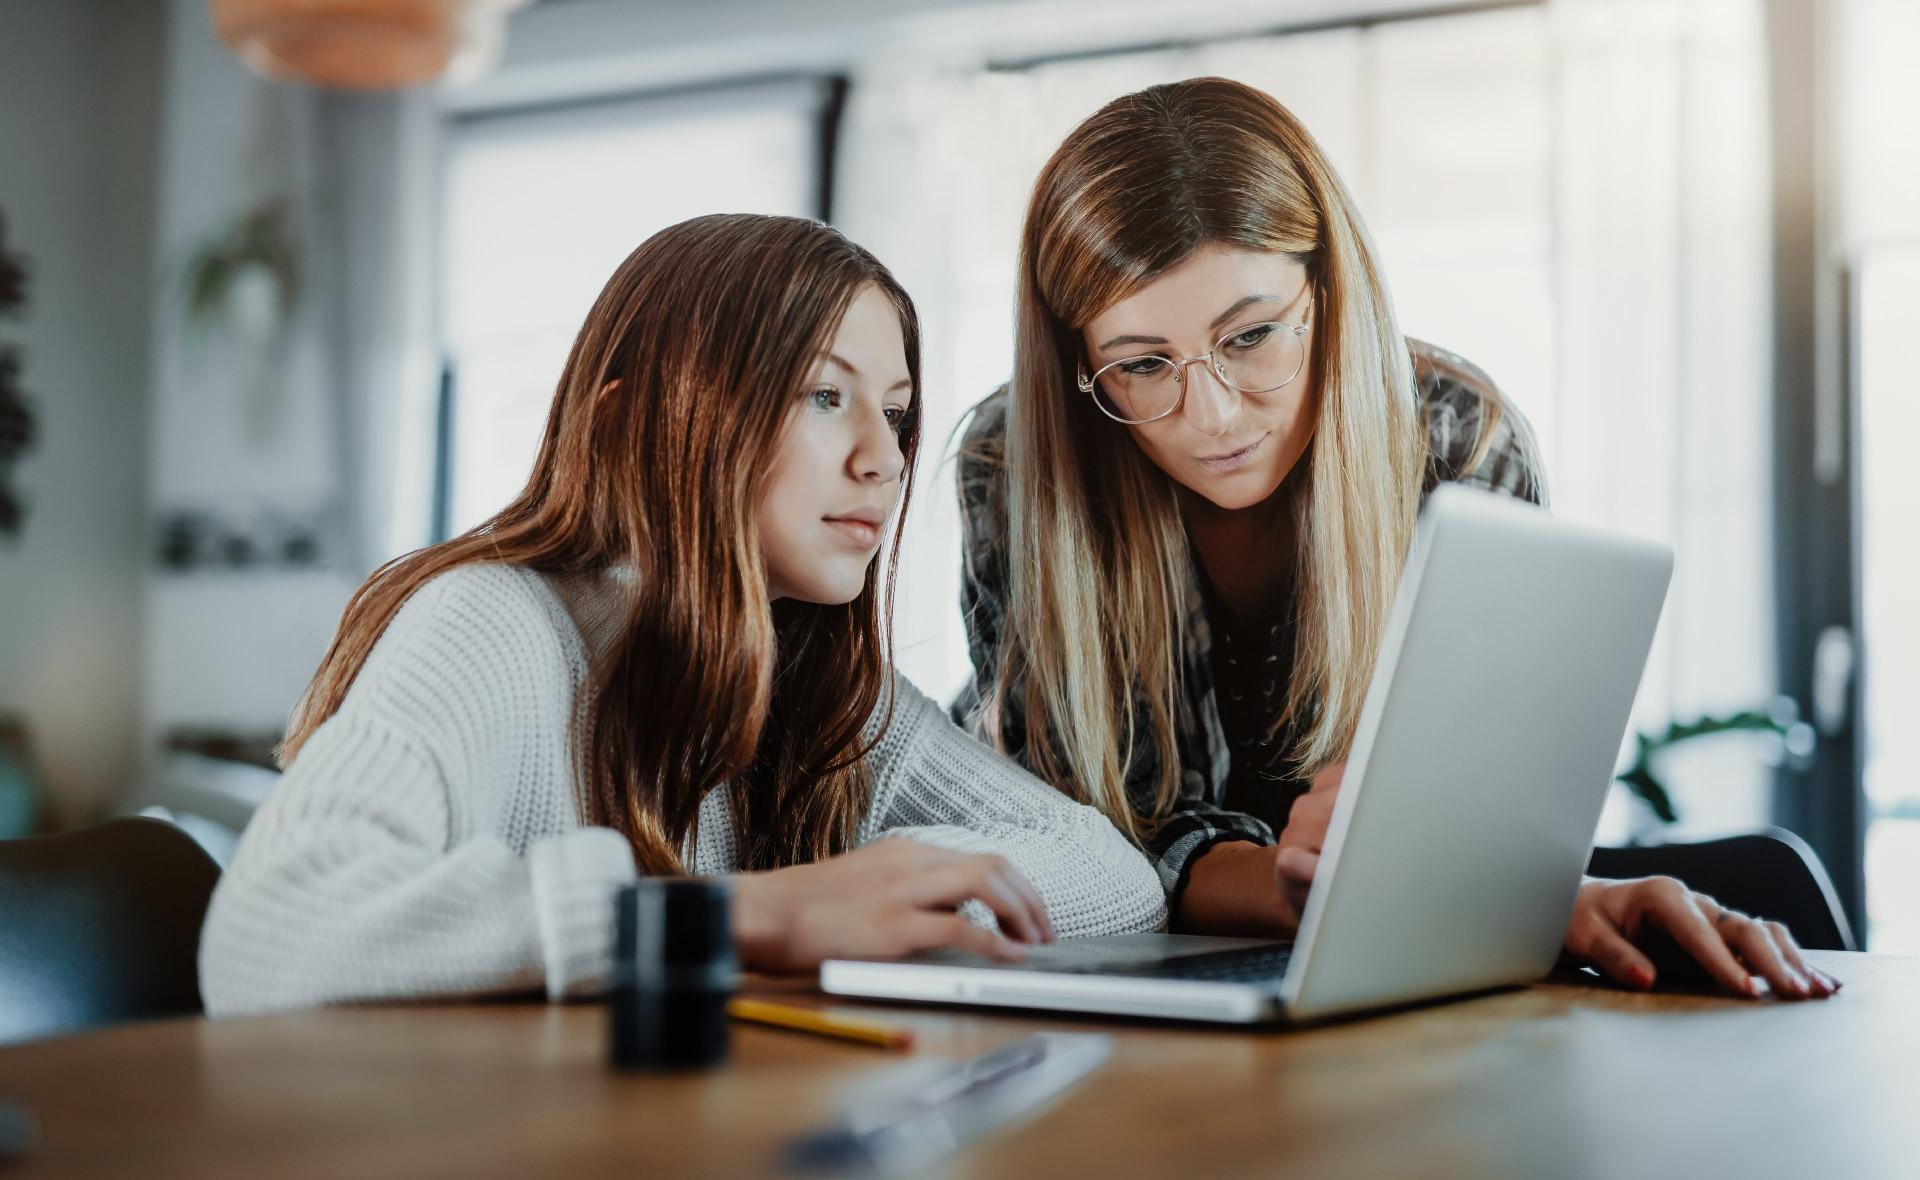 Taller-Educación-Conectada_apertura-jovenes-digitalizacion-innovacion-escuelas